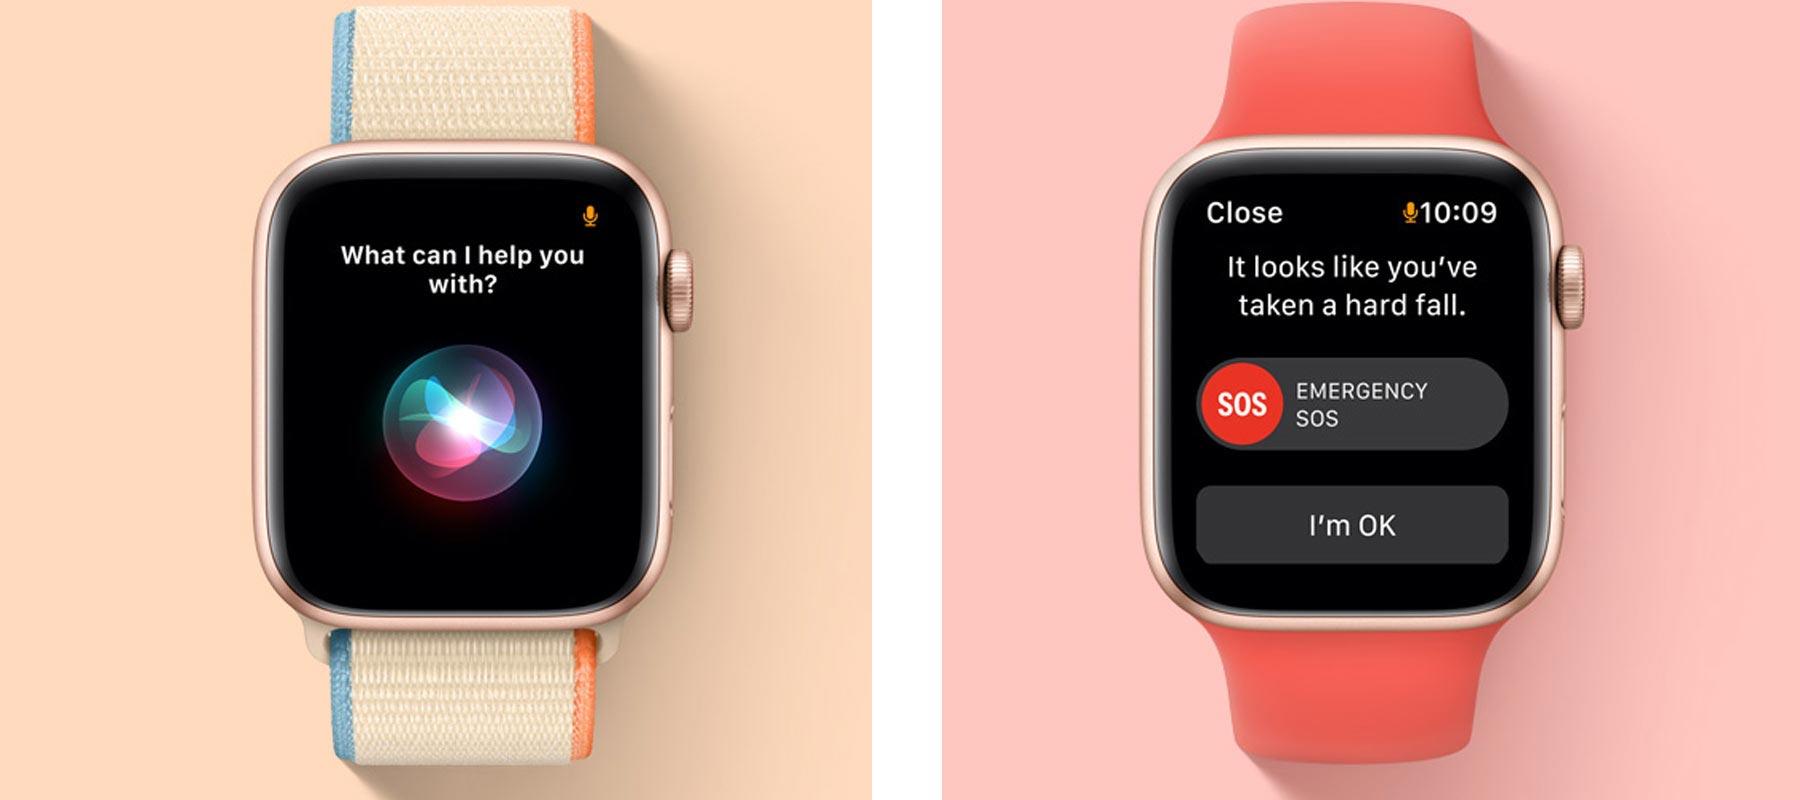 سایر ویژگیهای ساعت هوشمند اپل واچ SE